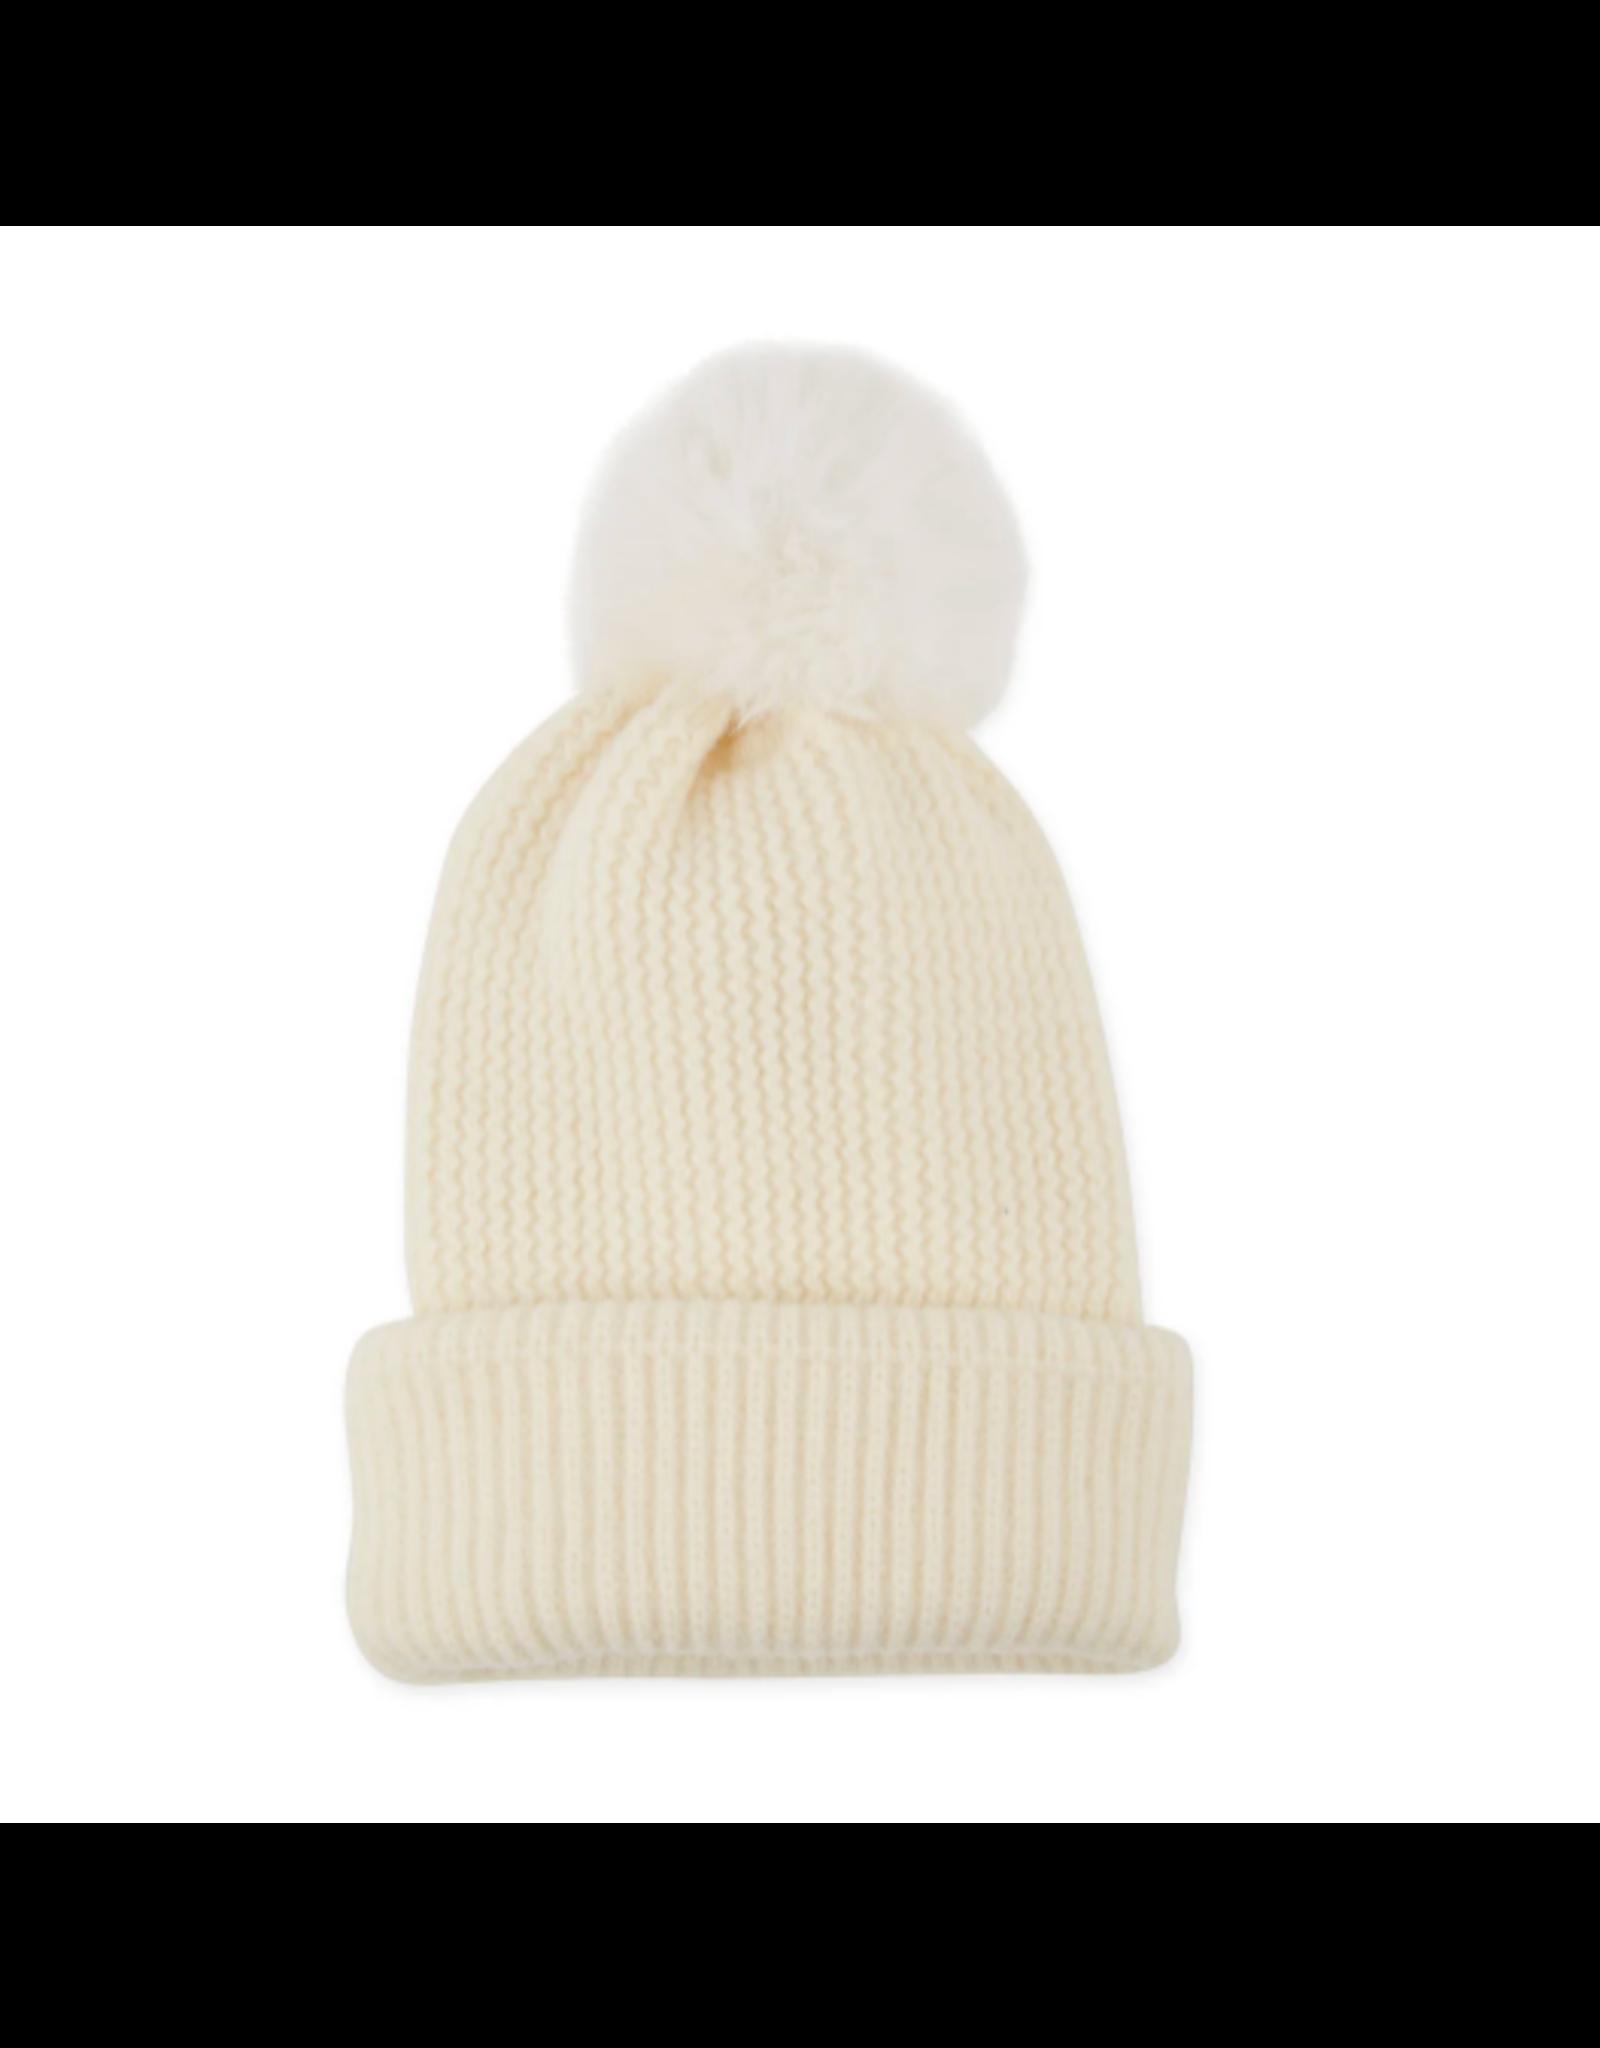 Plush Knit Pom Pom Beanie in Cream